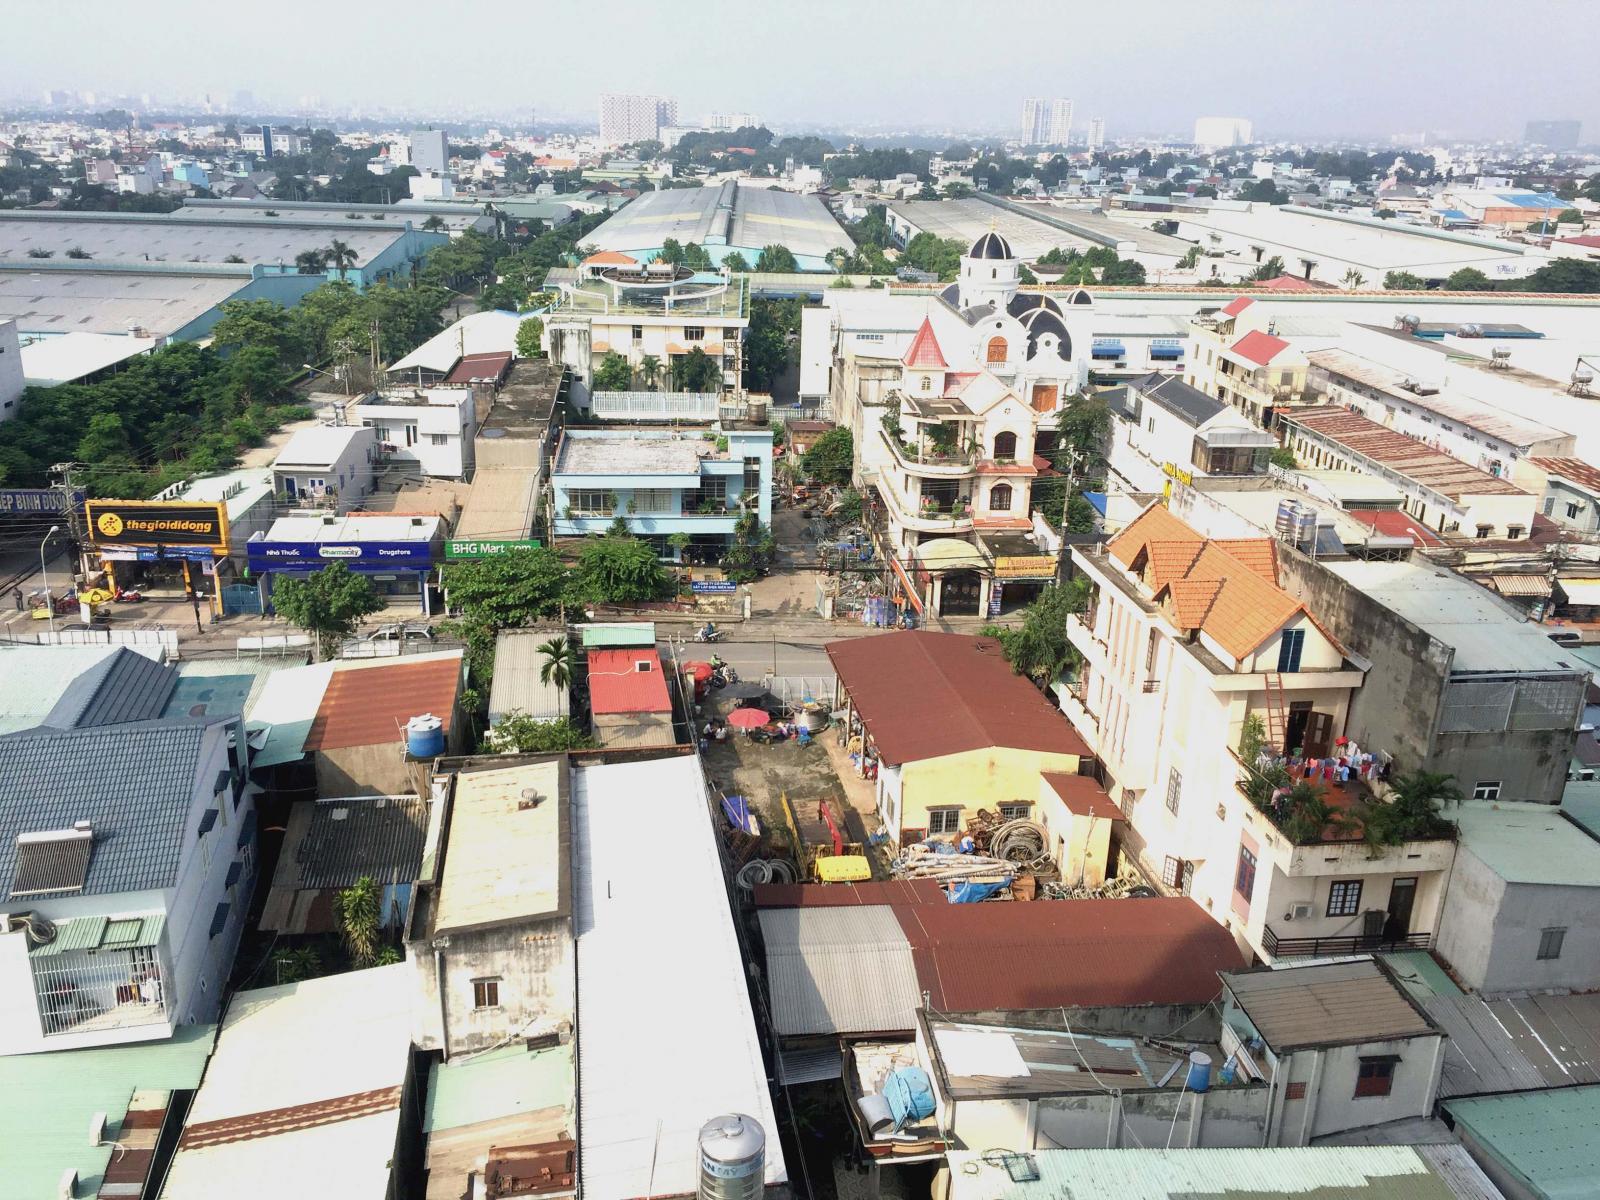 Ảnh chụp trên cao những ngôi nhà phố, nhà lẻ nằm san sát nhau tại nội thành Tp.HCM